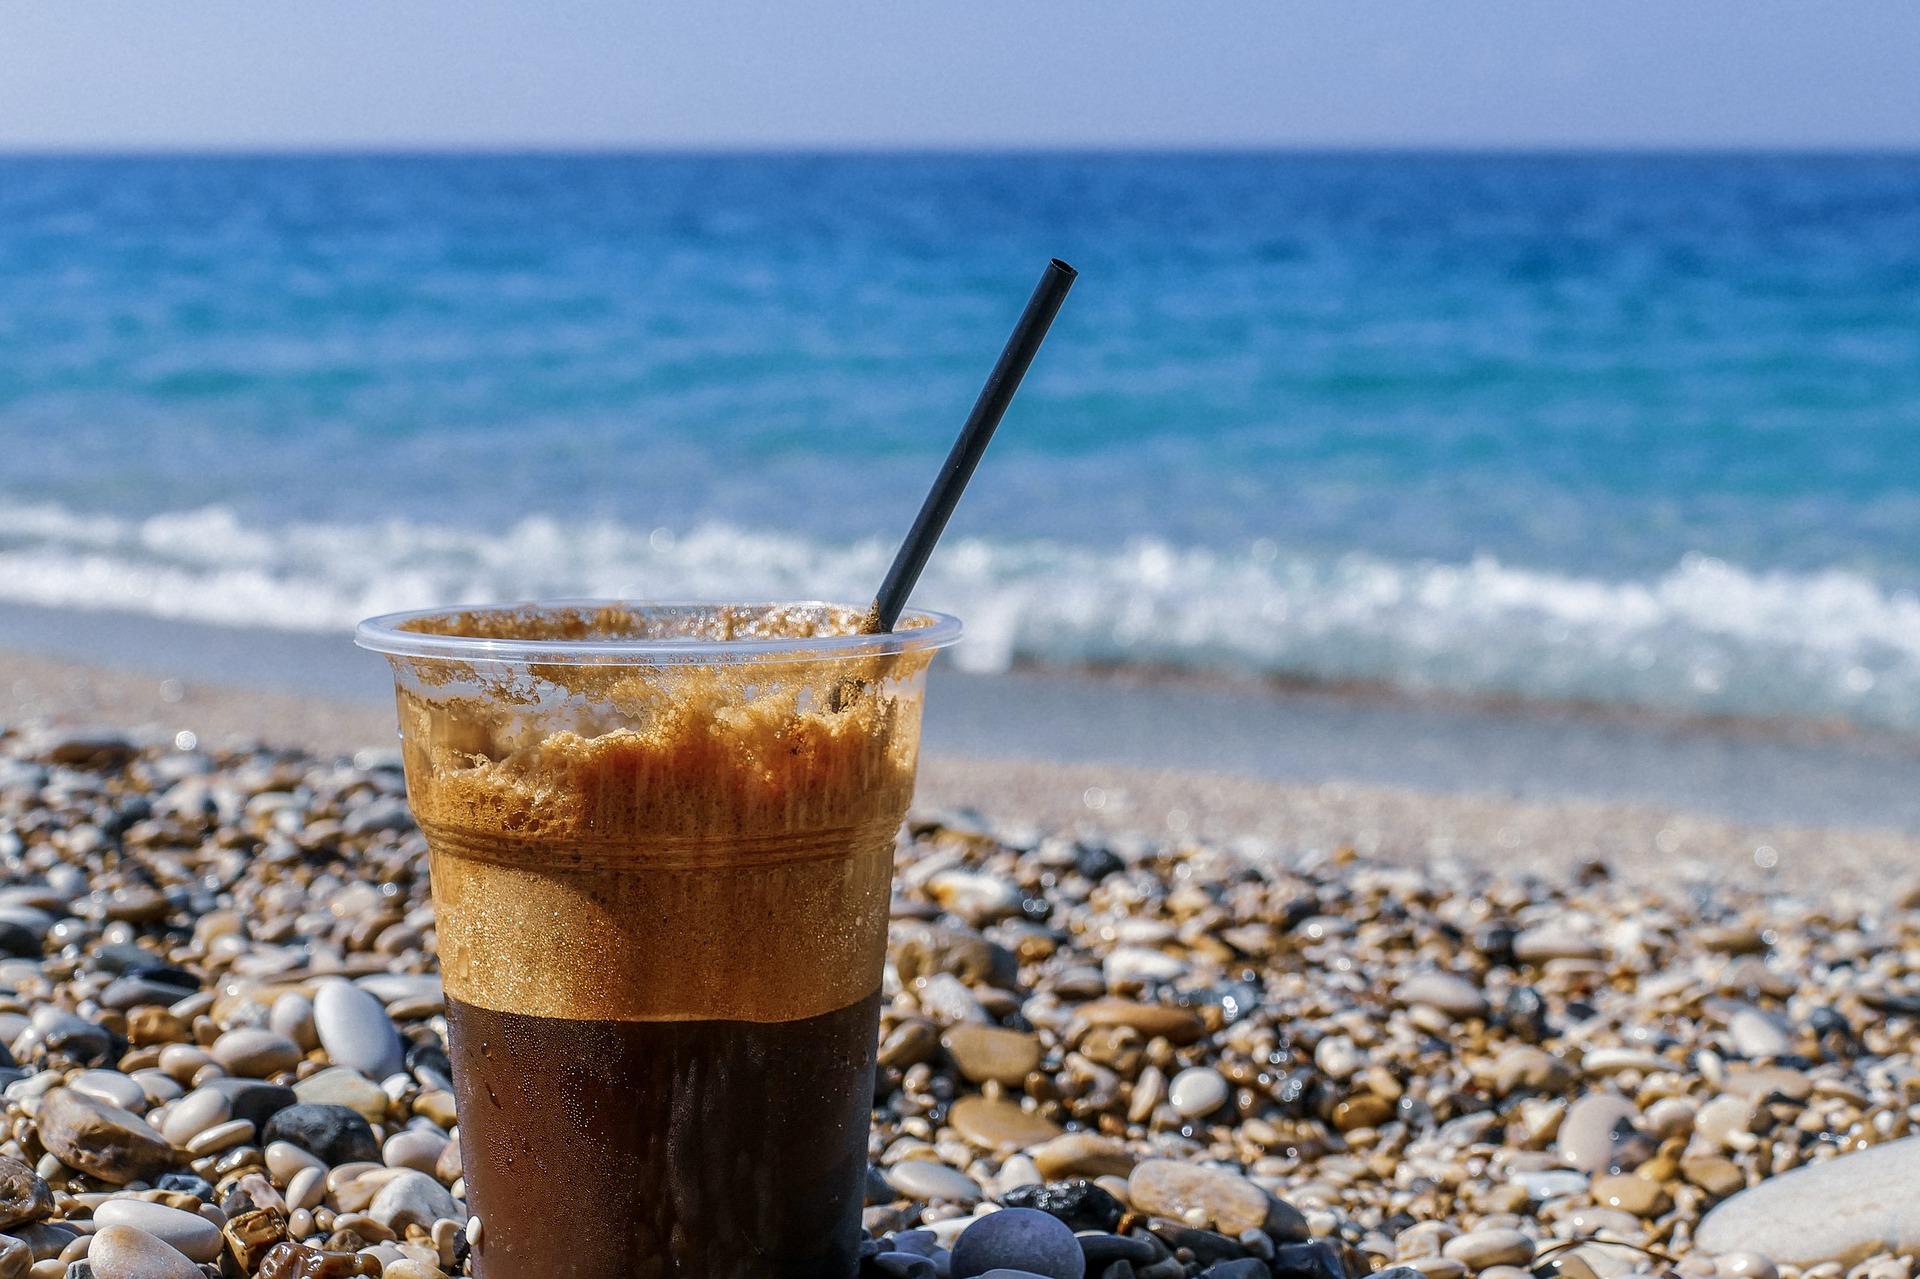 Для комфортного плажного отдыха к вашим услугам пляжный клуб с террасой, ресторан с обслуживанием по меню, возможность подачи блюд на шезлонги на пляже!